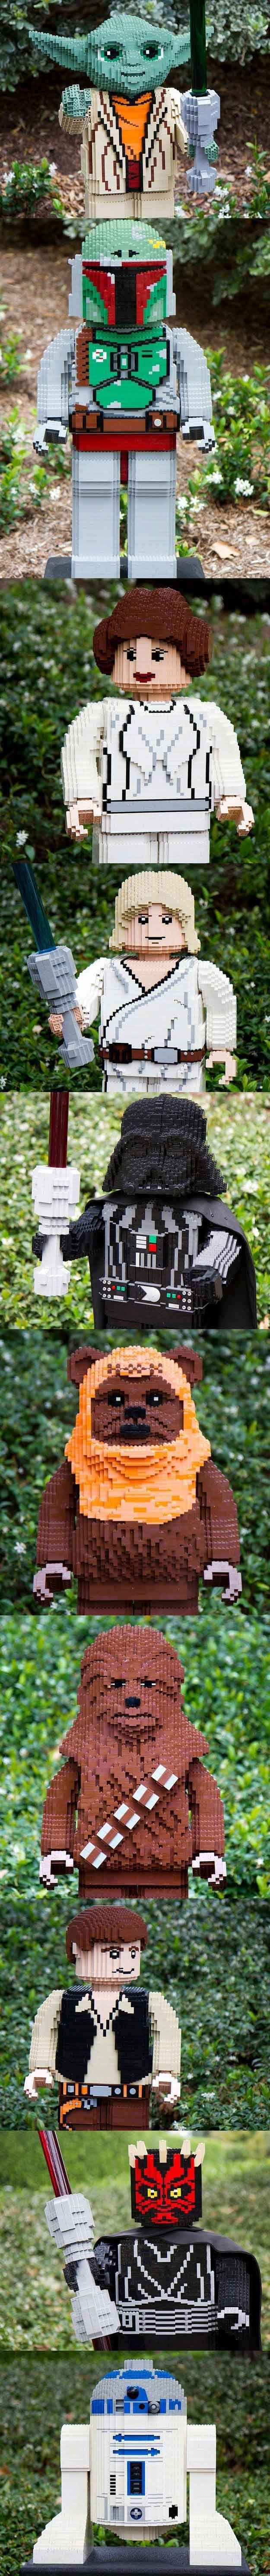 No sabemos qué es lo que nos gusta más: si LEGO o Star Wars. Así que preferimos juntarlos.